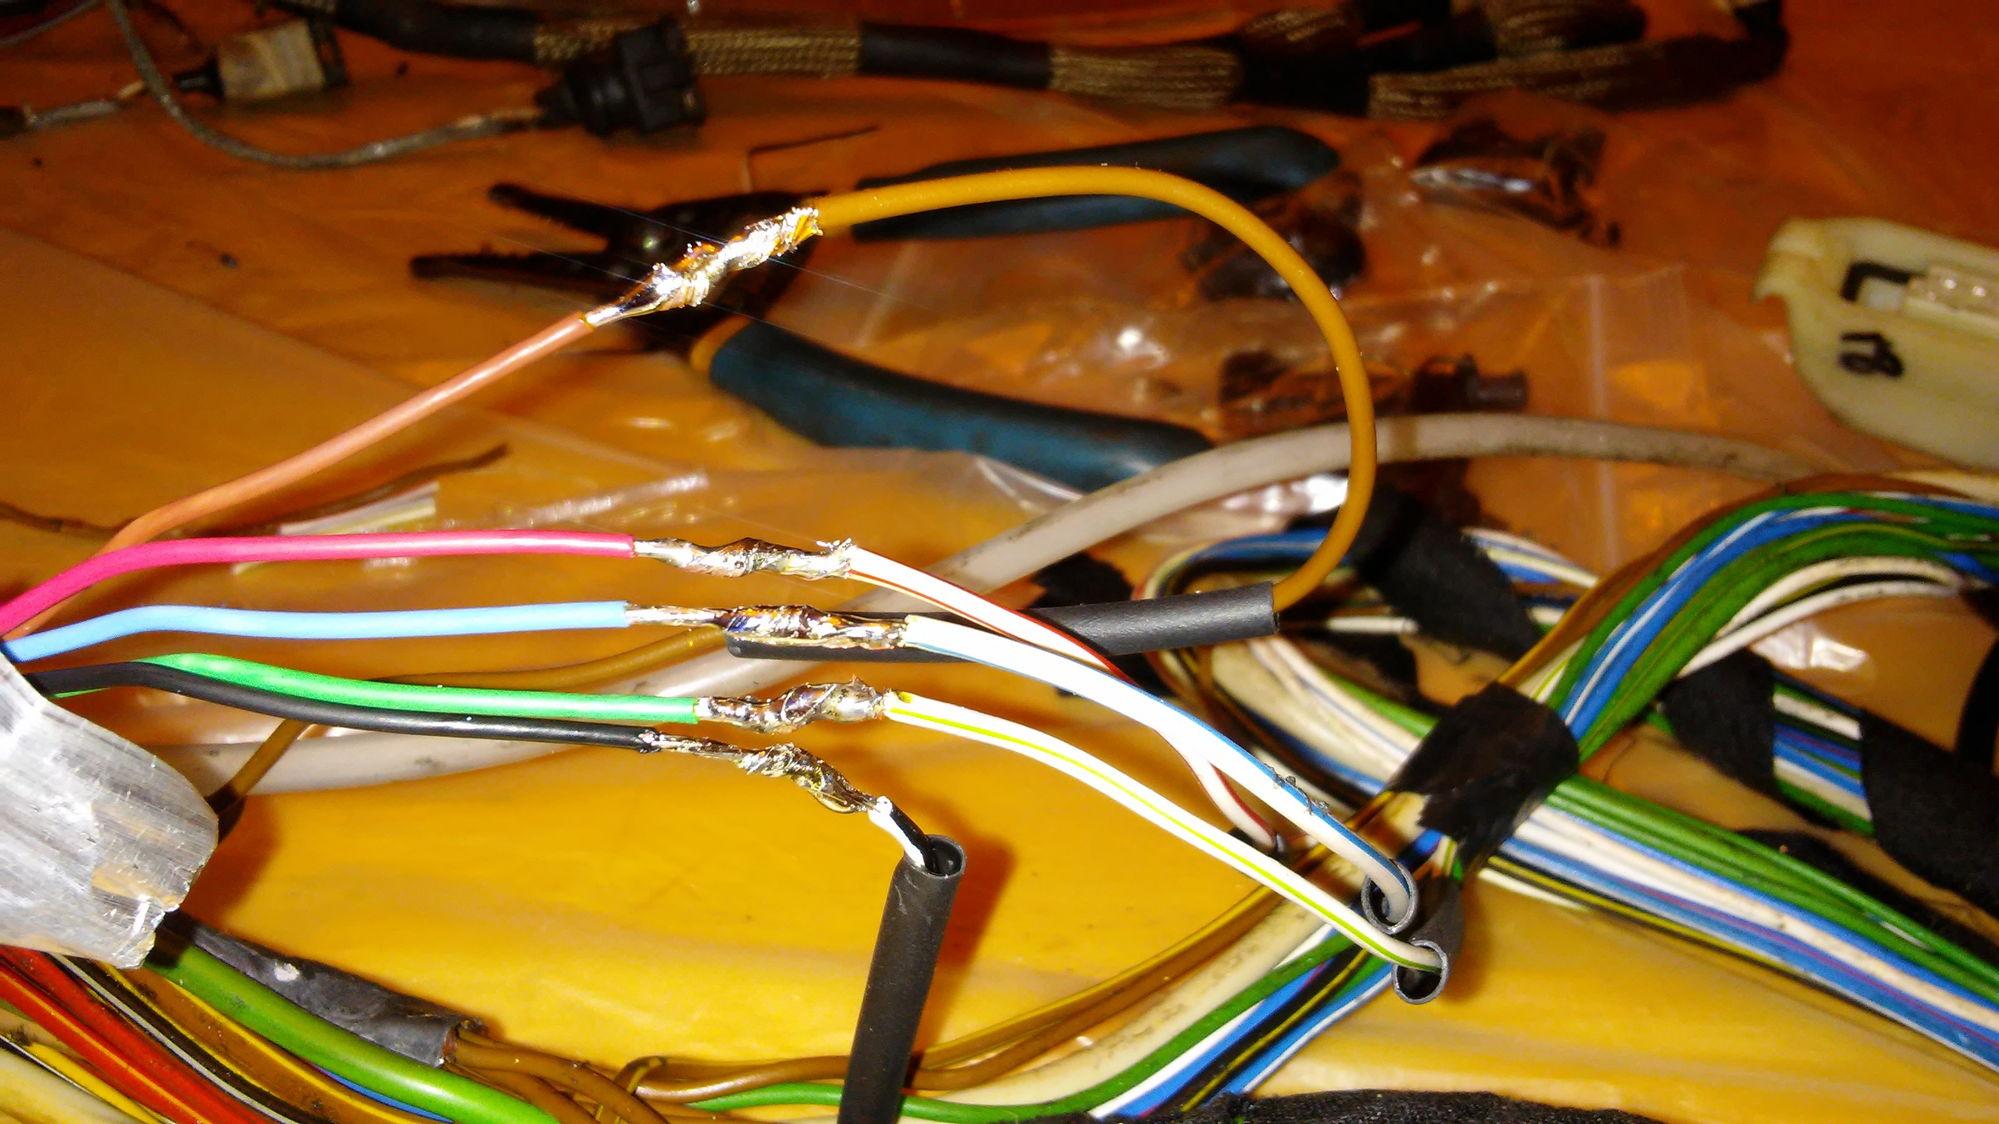 wire harness rebuild rennlist porsche discussion forums rh rennlist com Vehicle Wiring Harness Car Wiring Harness